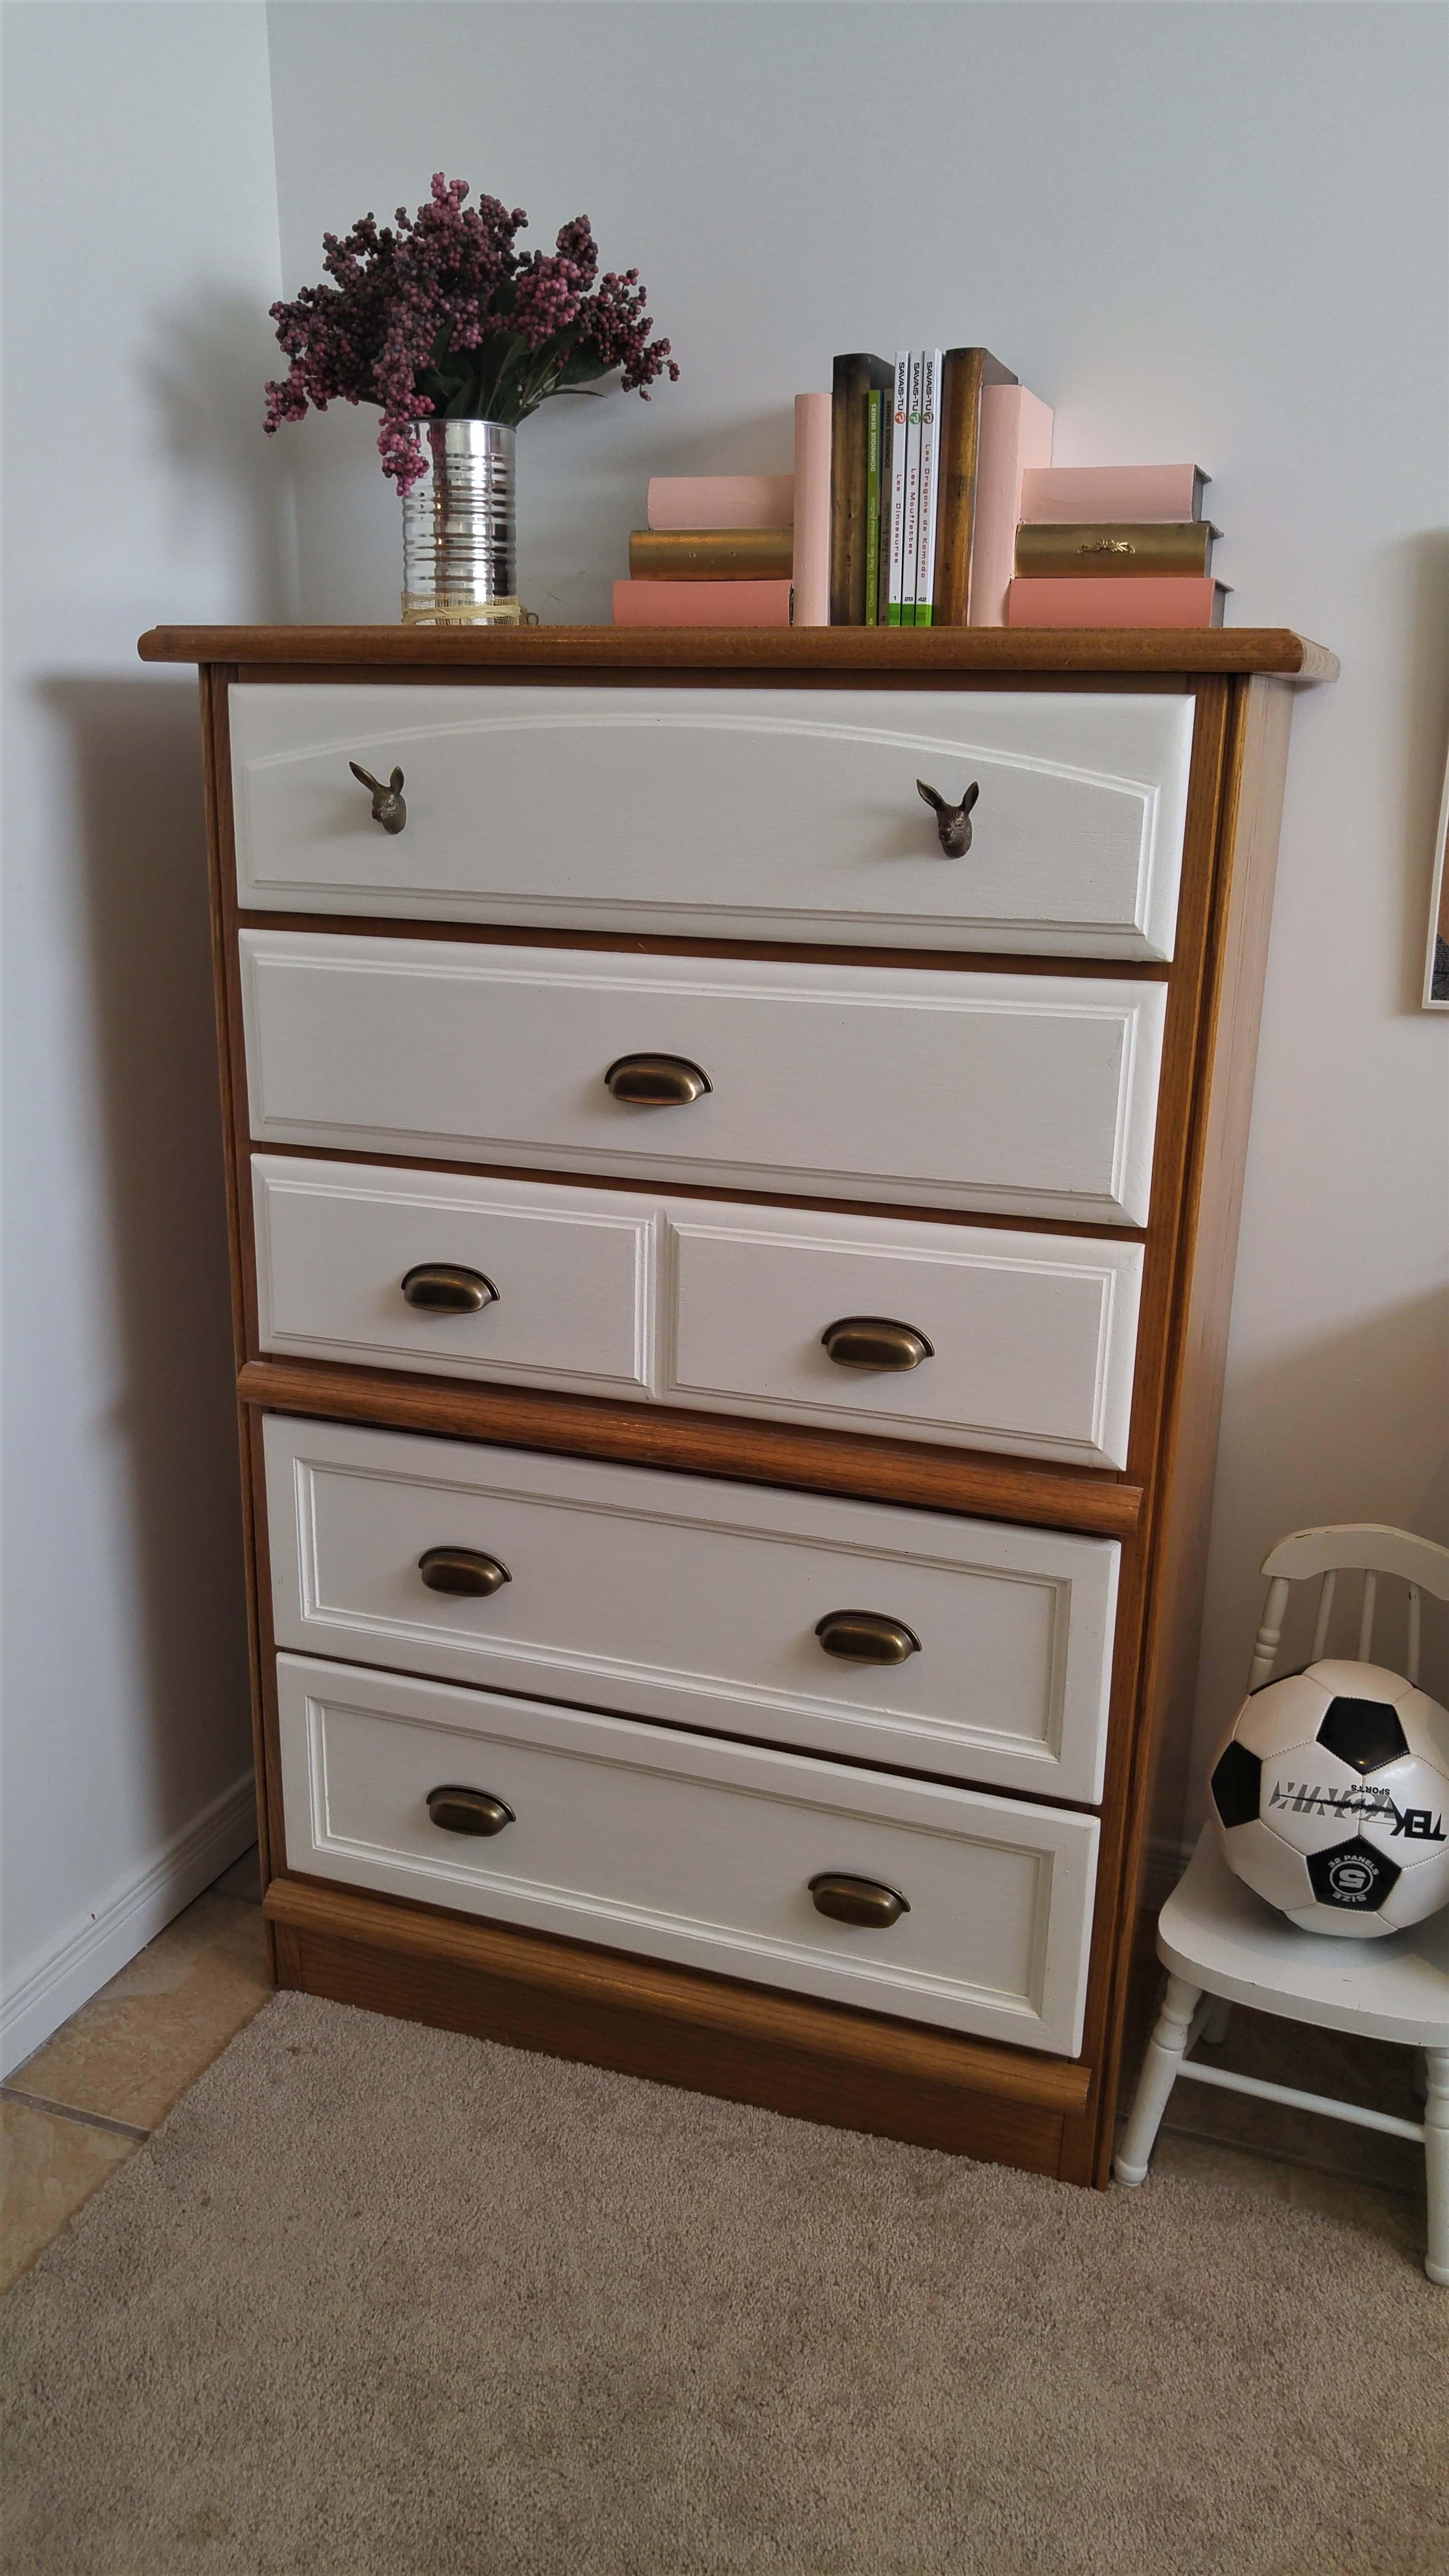 Commode repeinte meuble en bois repeint peindre un meuble for Plaque de zinc pour recouvrir un meuble